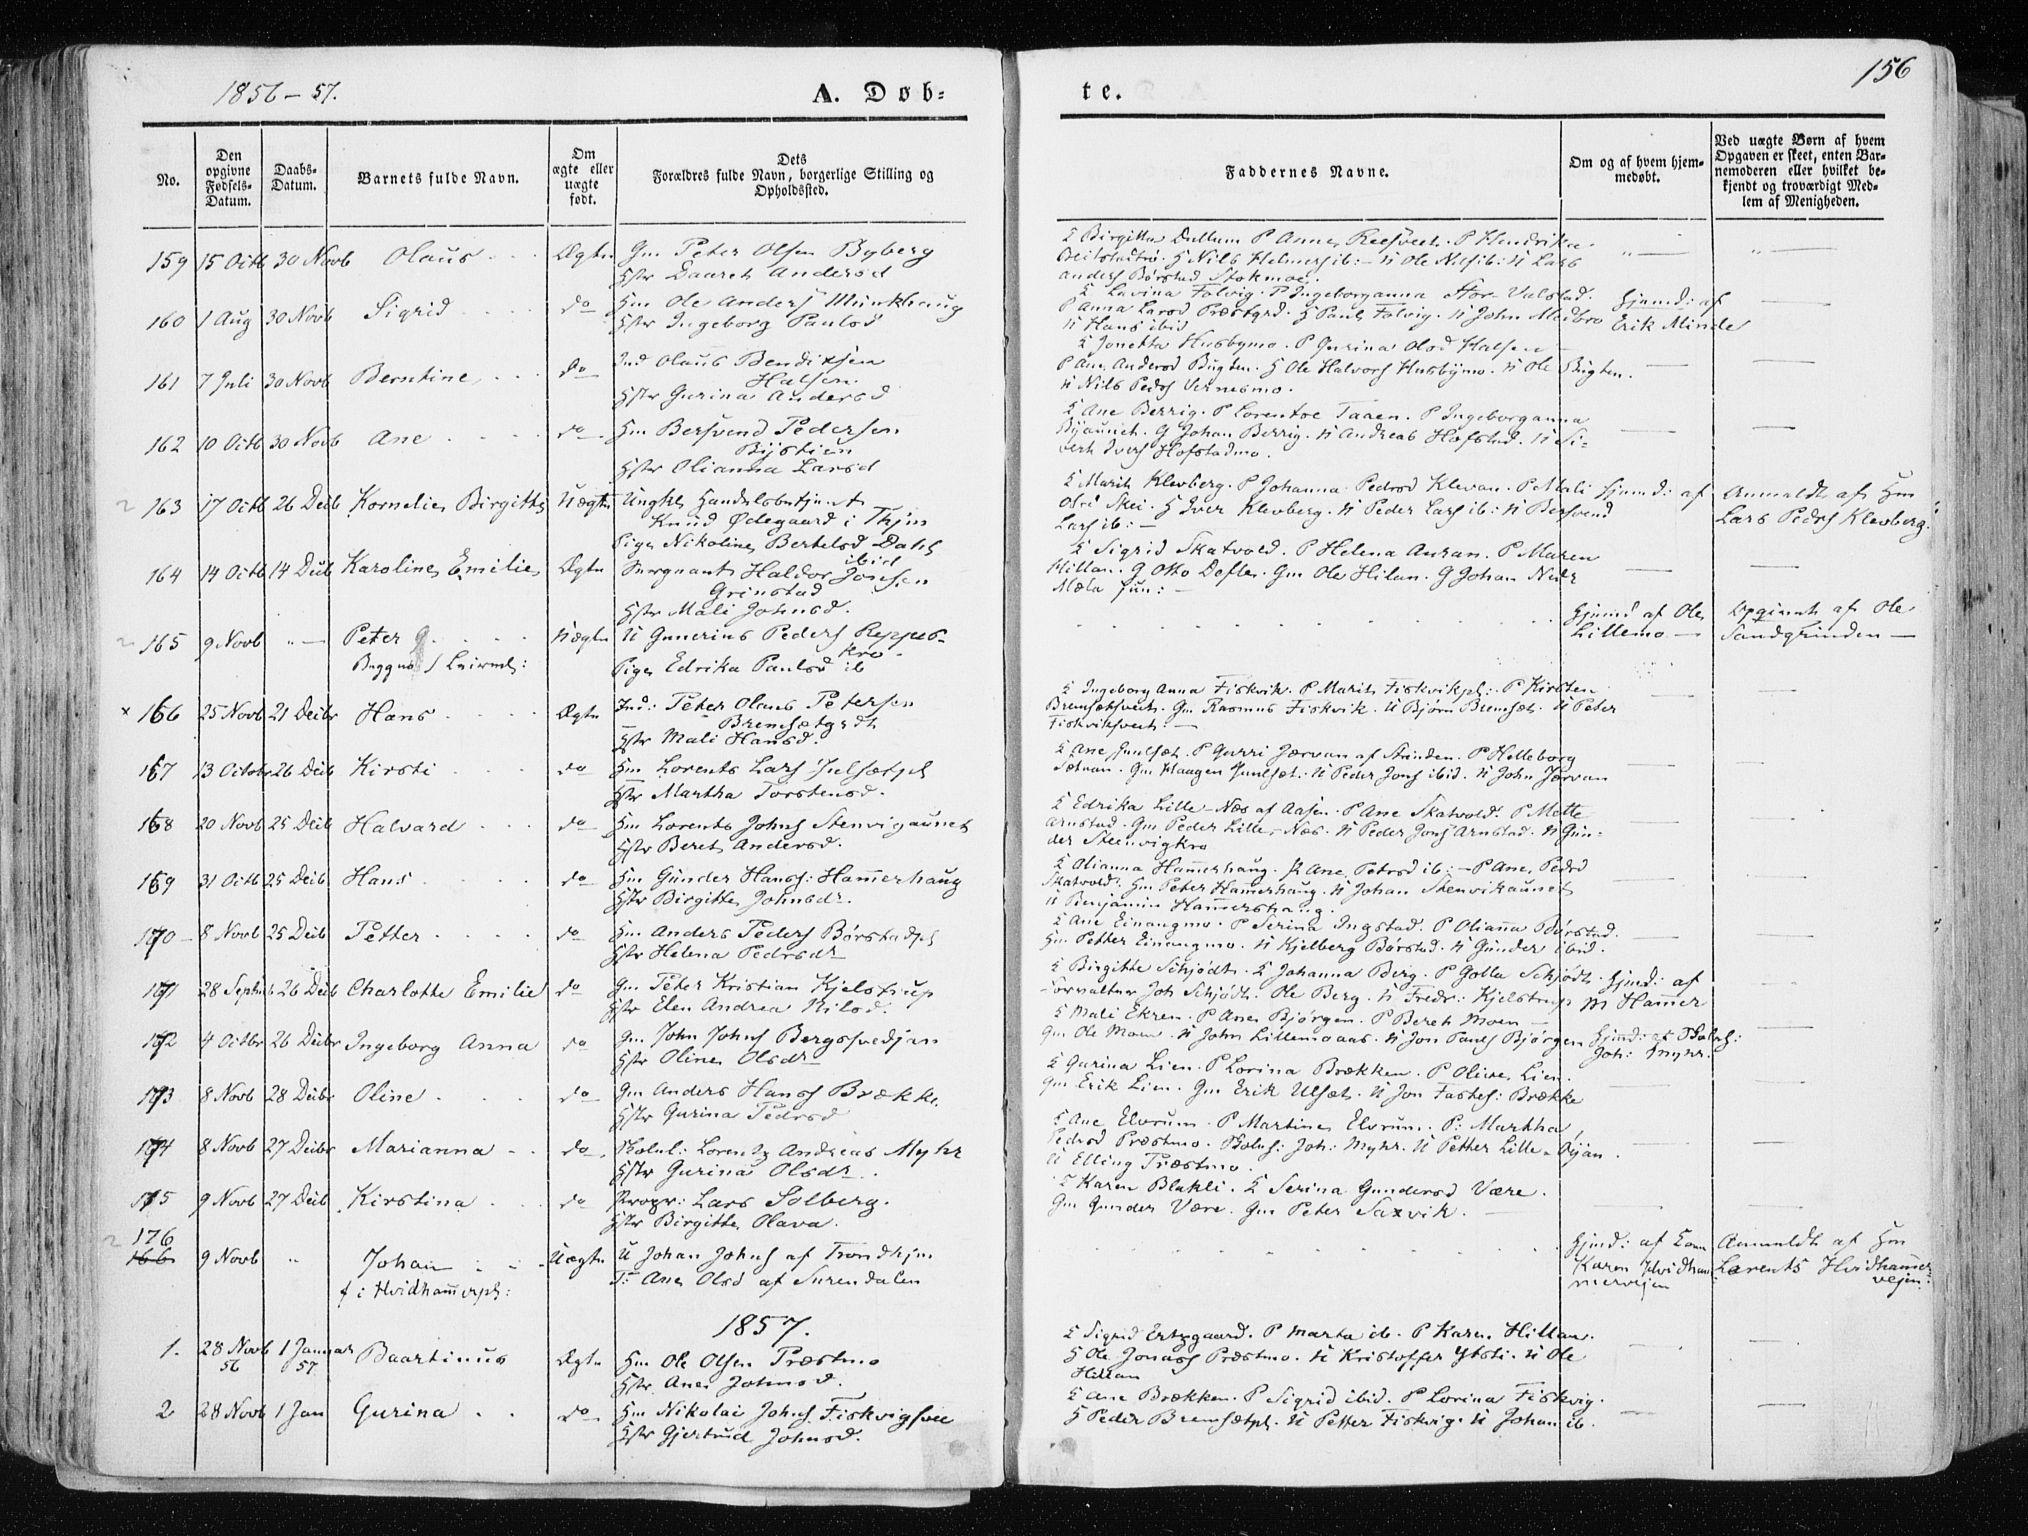 SAT, Ministerialprotokoller, klokkerbøker og fødselsregistre - Nord-Trøndelag, 709/L0074: Ministerialbok nr. 709A14, 1845-1858, s. 156